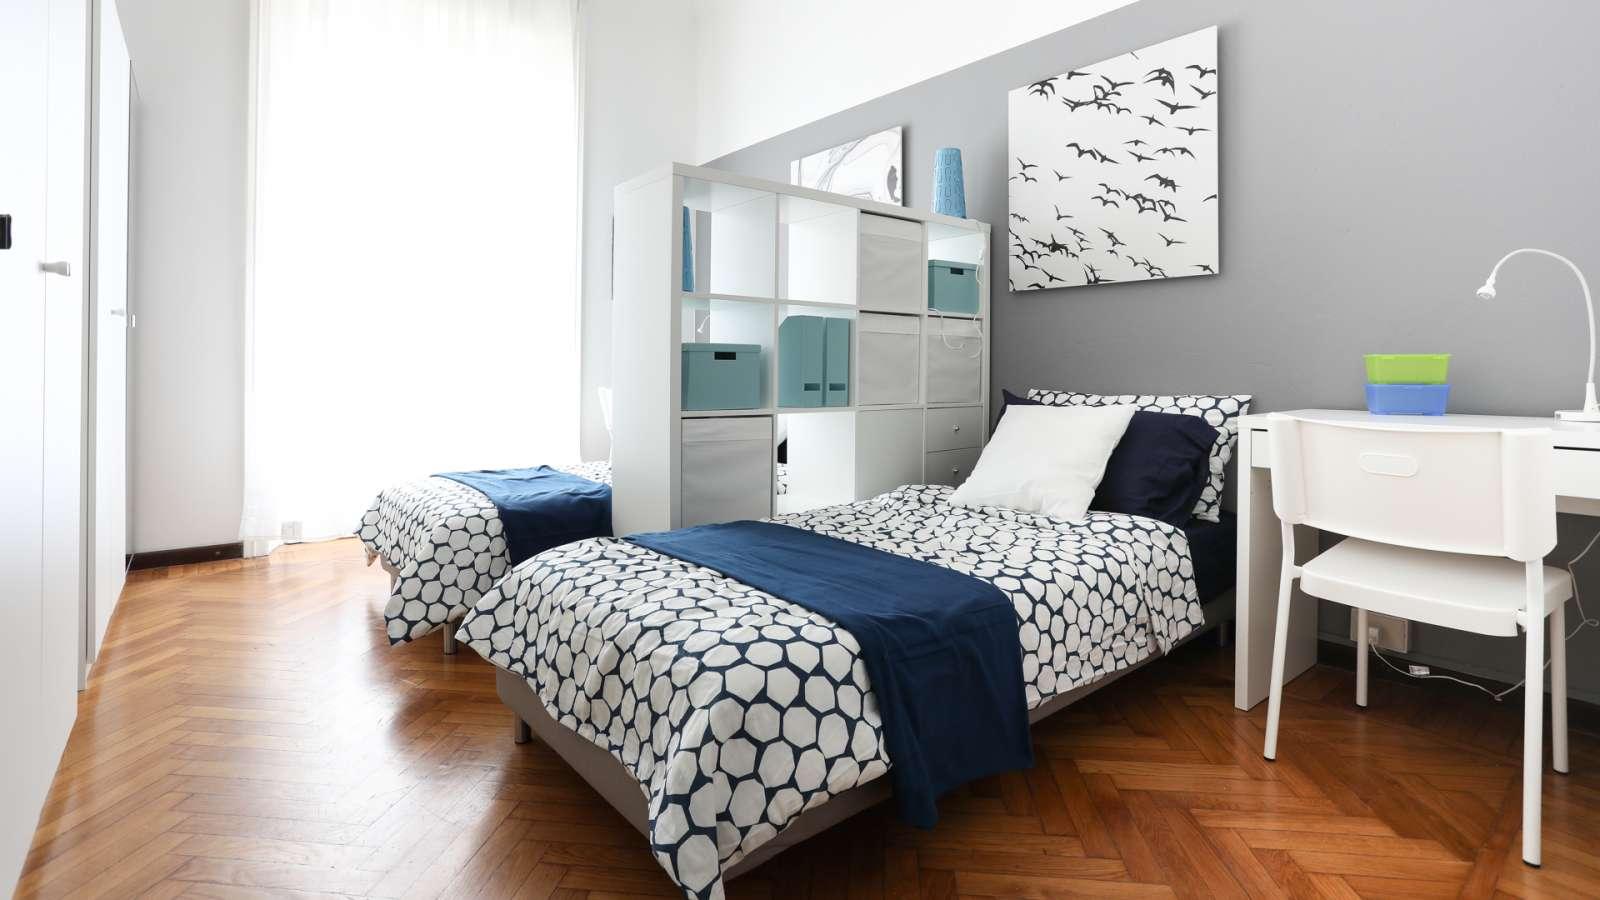 Appartamento 3 Camere Da Letto Milano : Ampia camera in appartamento con camere da letto a città